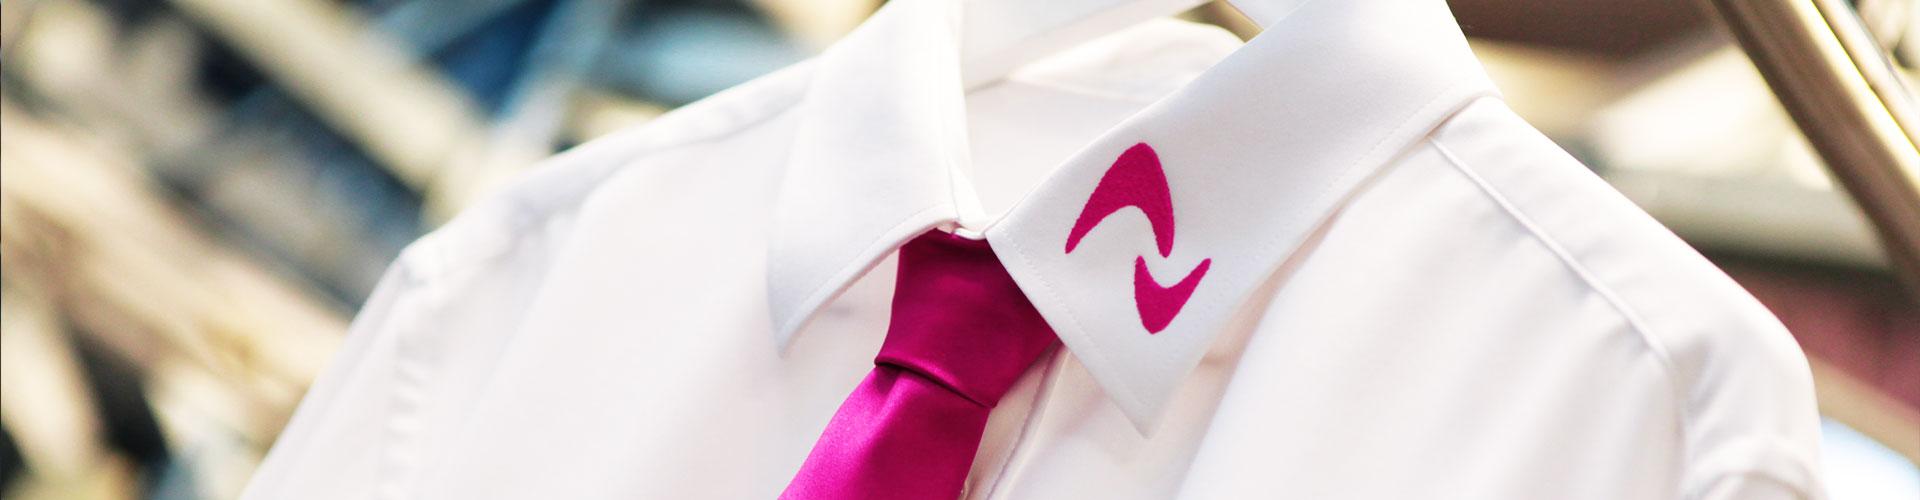 Partner werden bei Zentratex, dem starker Wäscherei-Verbund